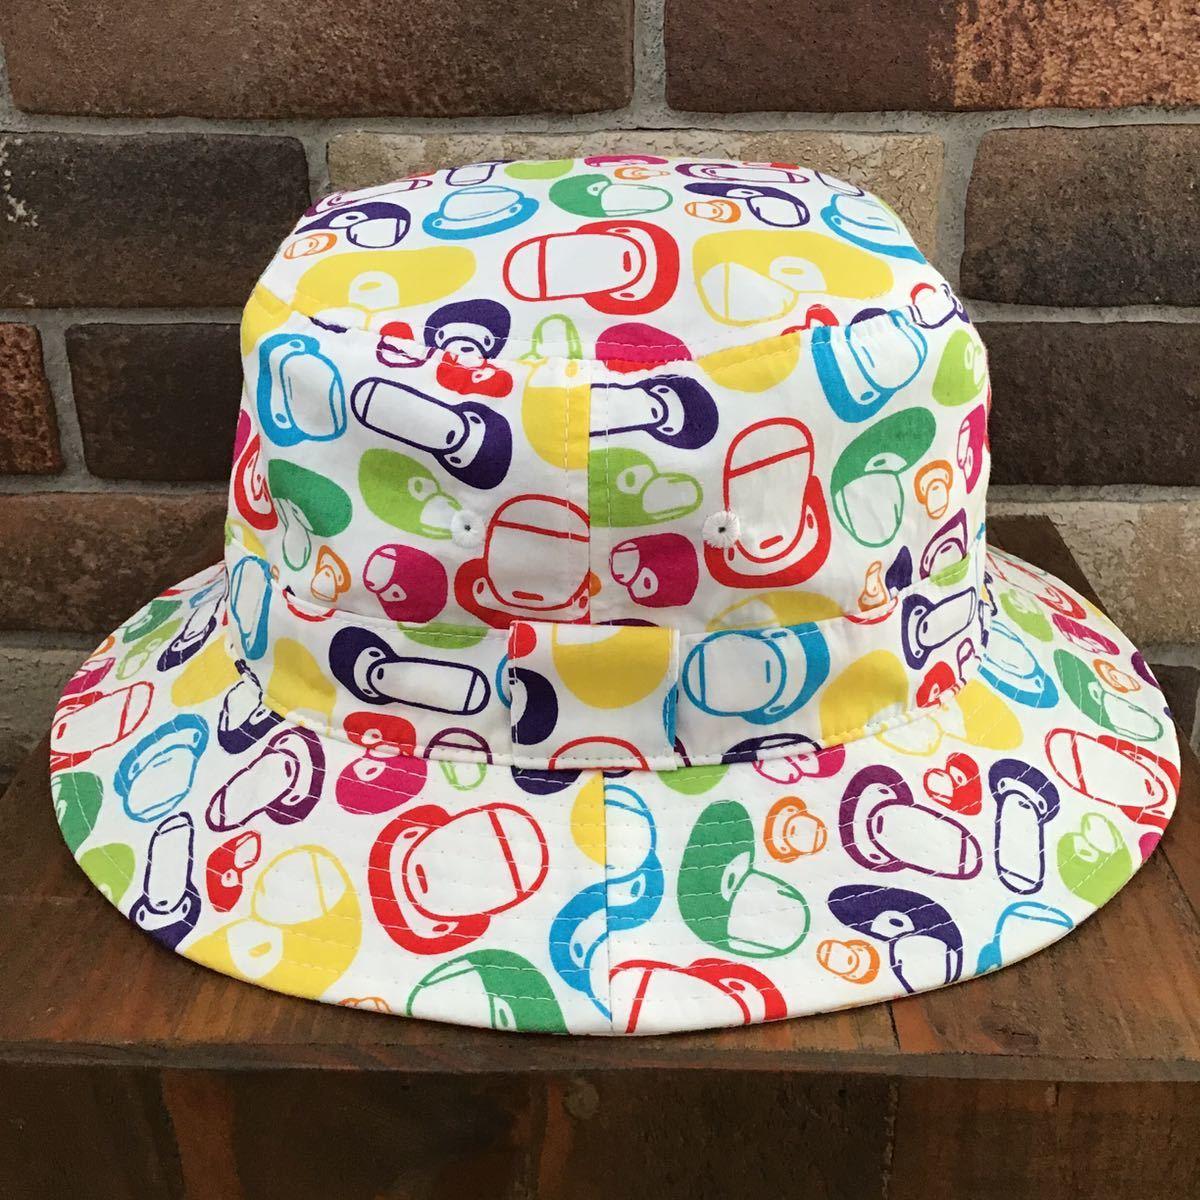 マイロ マルチカモ ハット Lサイズ a bathing ape BAPE hat エイプ ベイプ アベイシングエイプ milo multi camo 帽子 迷彩 1418